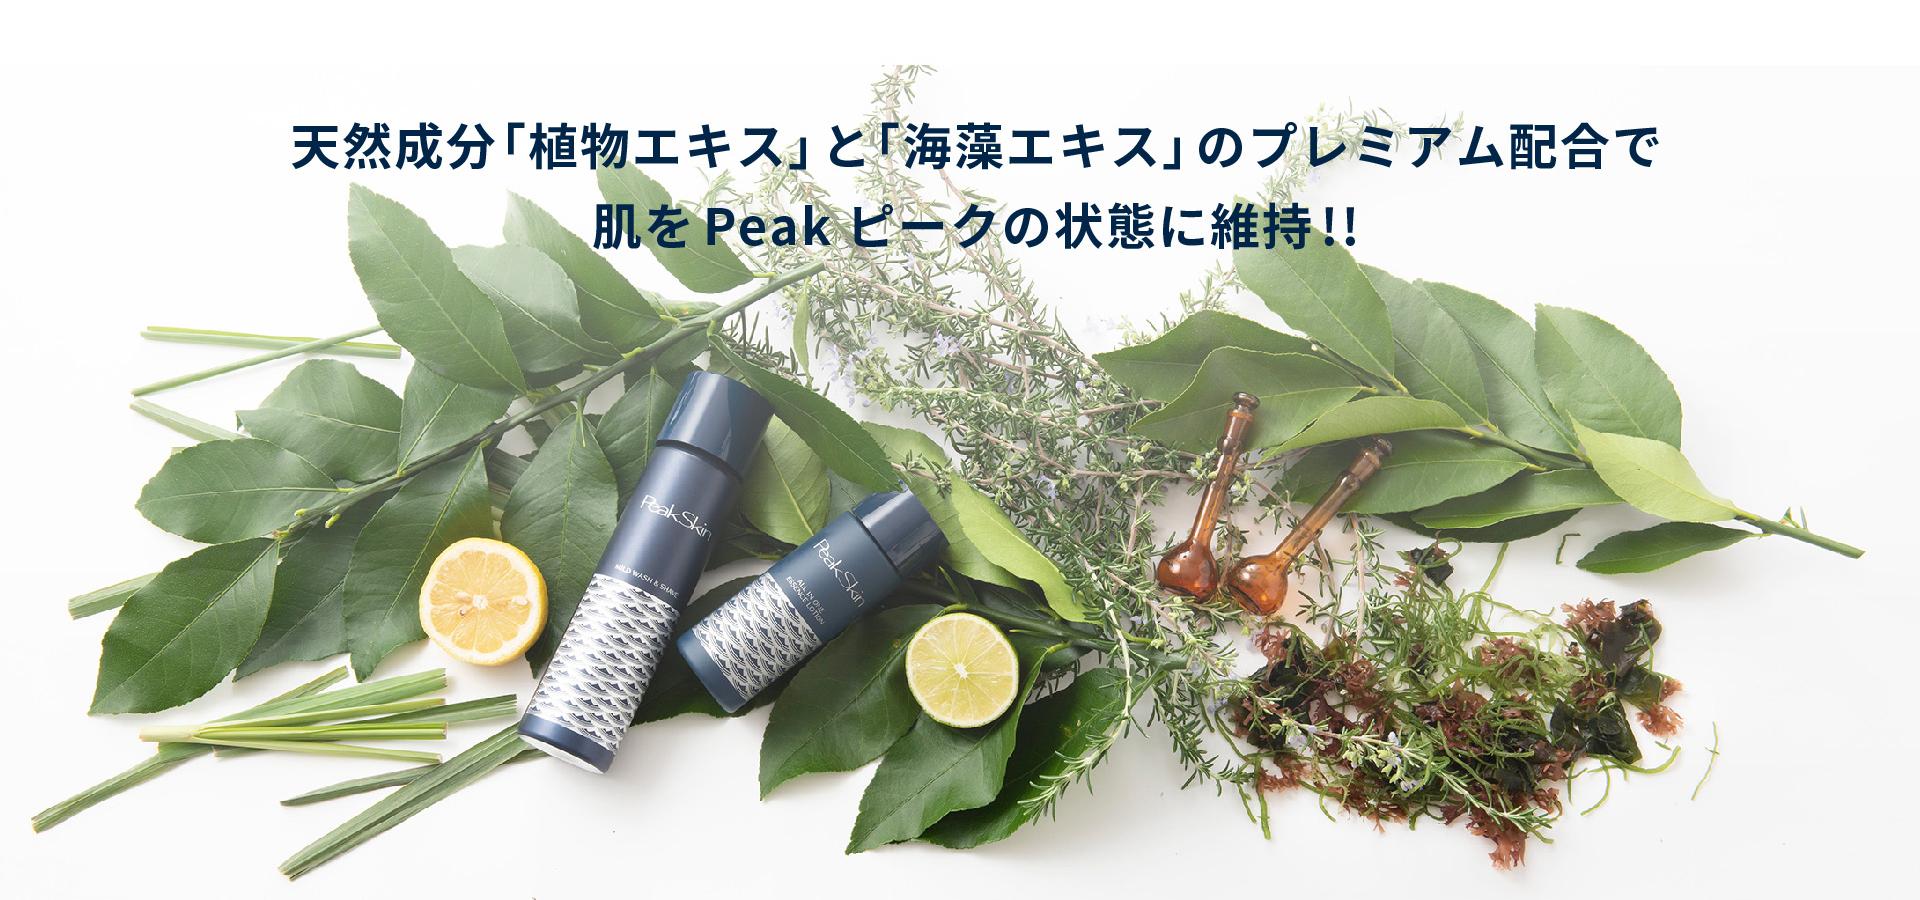 植物_商品_テクスト2